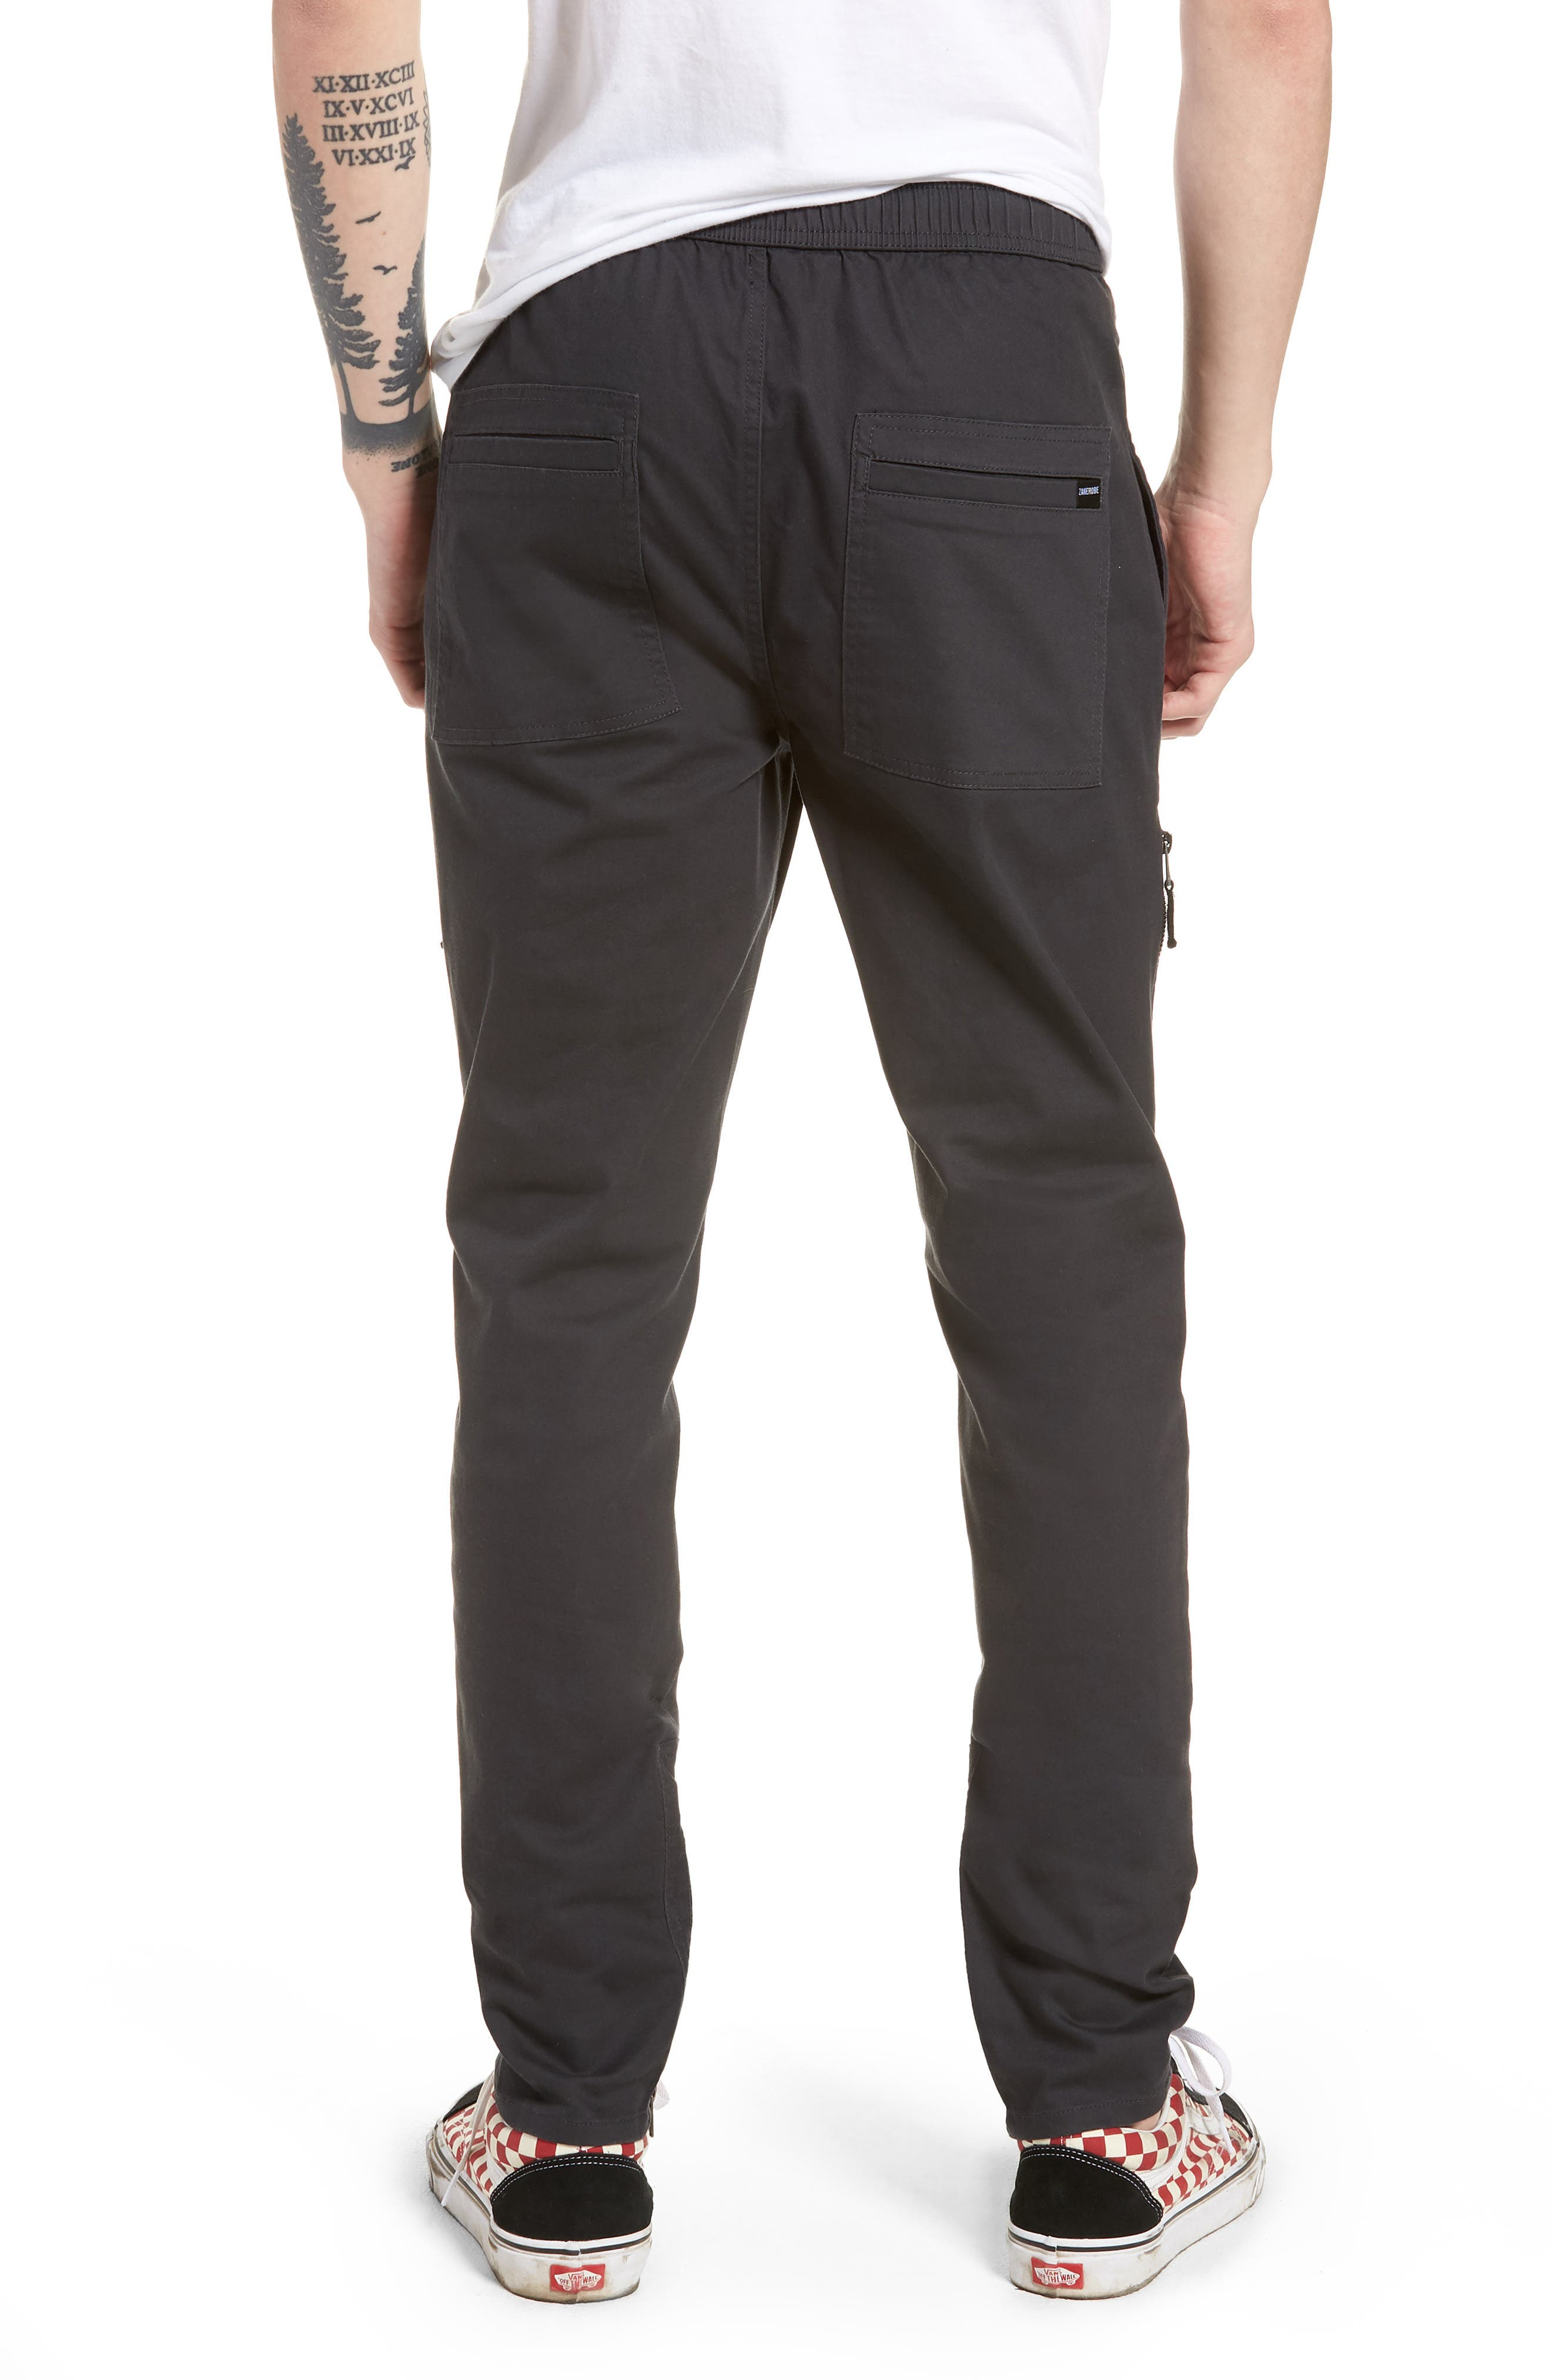 Blockshot Jogger Pants,                             Alternate thumbnail 2, color,                             Vintage Black/ Black